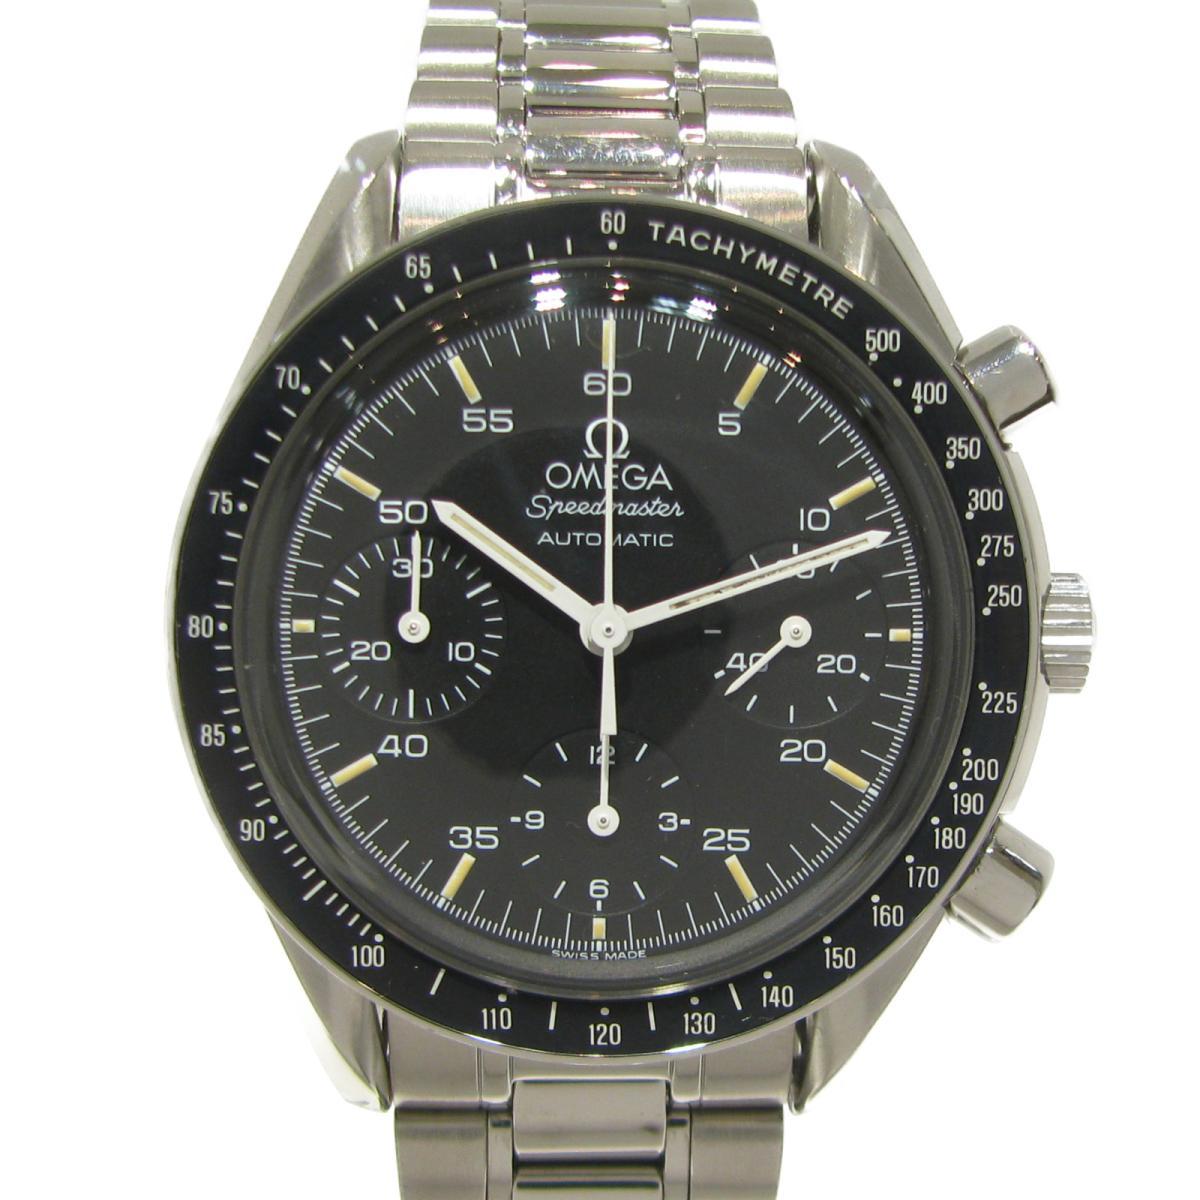 スピードマスター 腕時計 ウォッチ